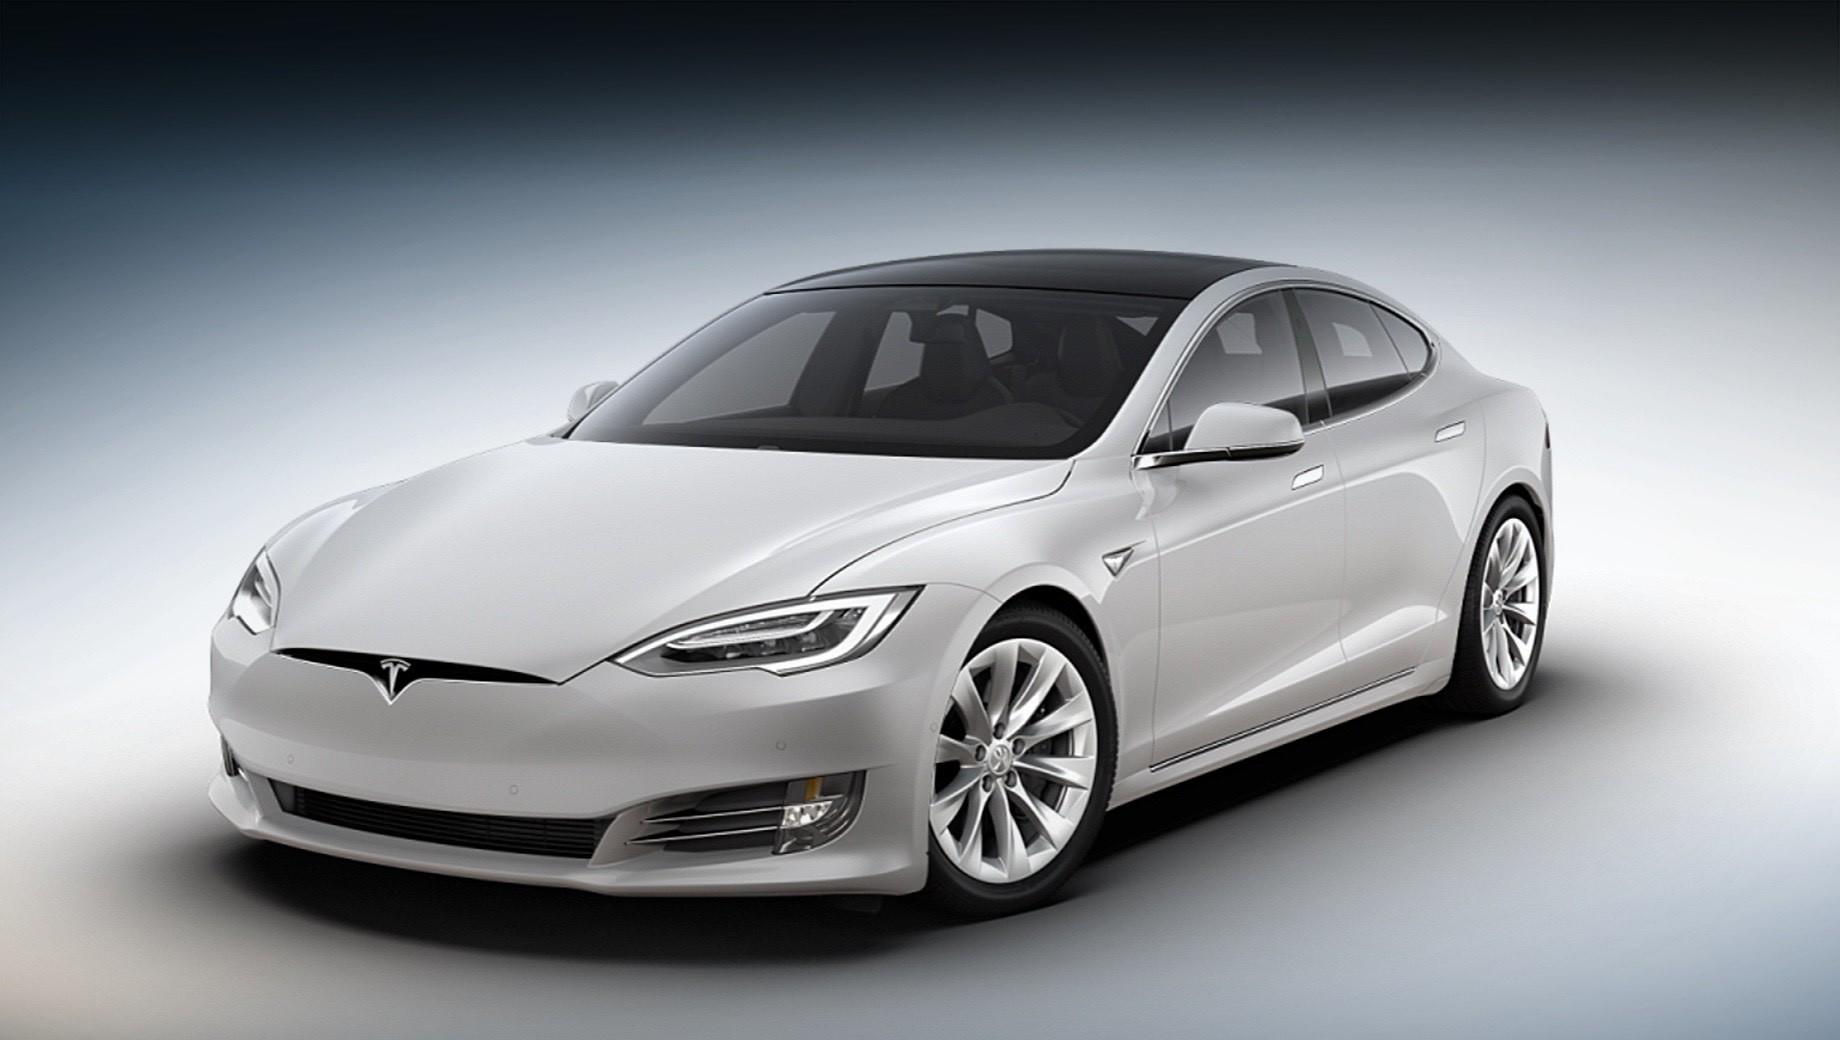 Tesla model s,Tesla model s plaid. В конкуренты Теслам всё чаще записывают электрокар Lucid Air. У него и правда есть что показать — на днях представители стартапа отчитались о прохождении круга Laguna Seca за 1:33. Но у версии Plaid уже готов ответ — 1:30.3.